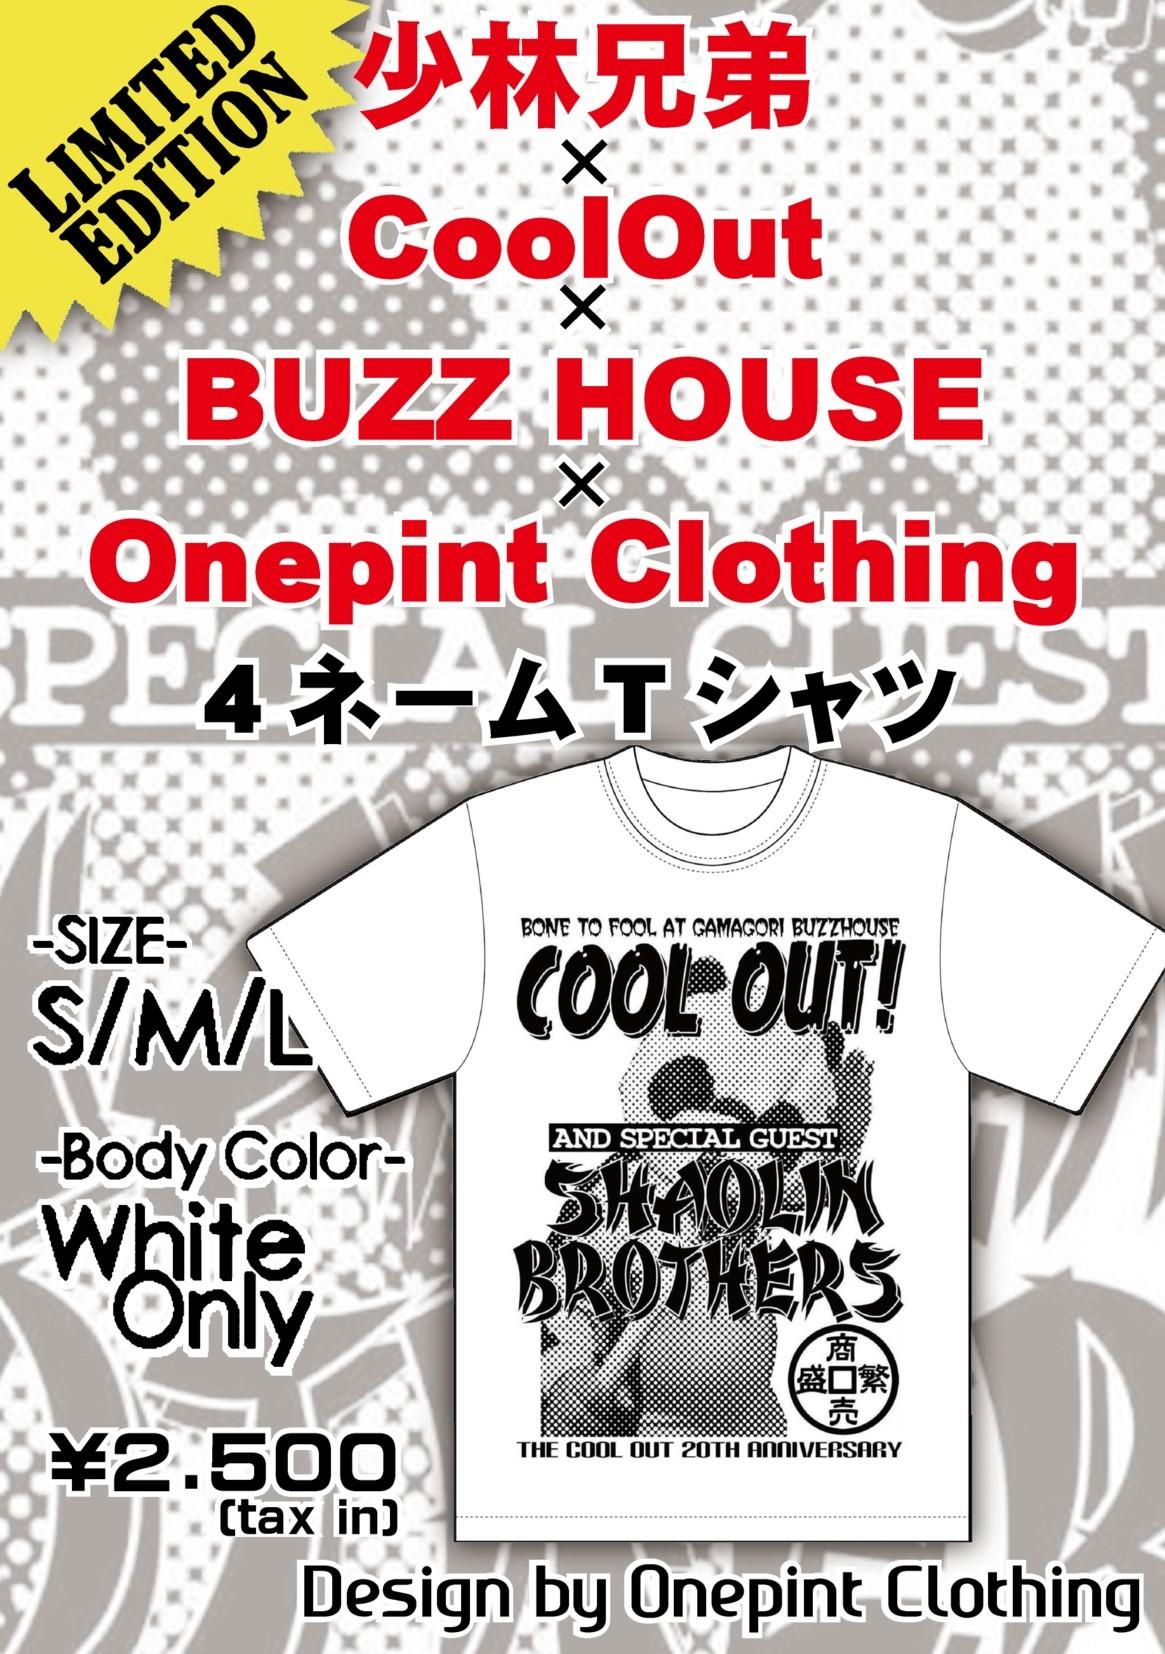 COOL OUT × 少林兄弟 × BuzzHouse × ワンパイントクロージング コラボレーションTシャツ 発売!!_b0123708_19310350.jpg